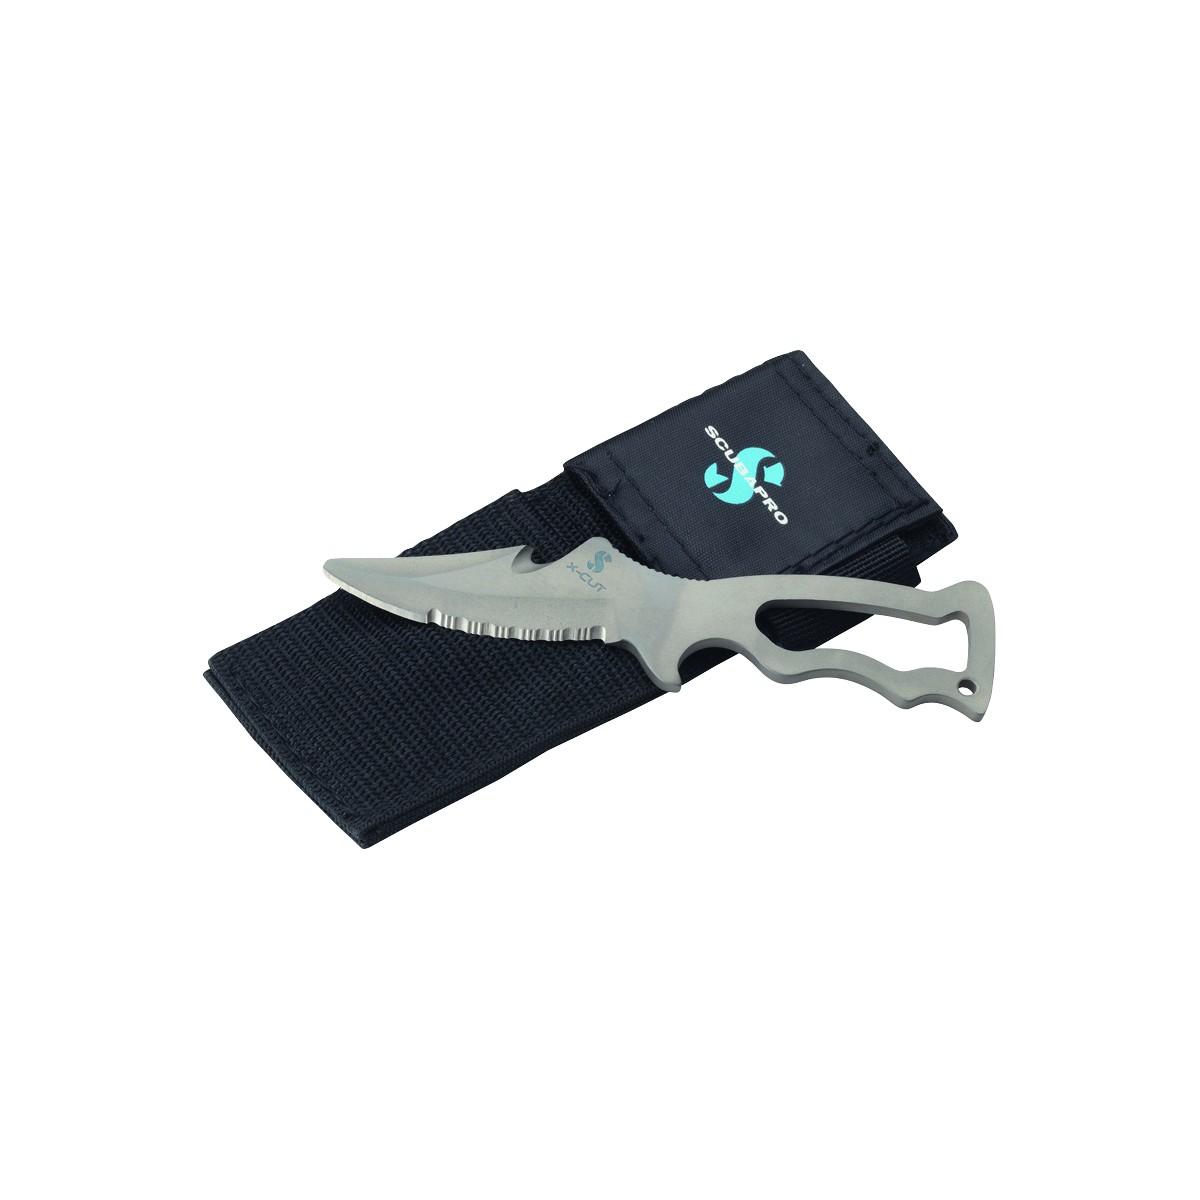 Scubapro X Tek Knife